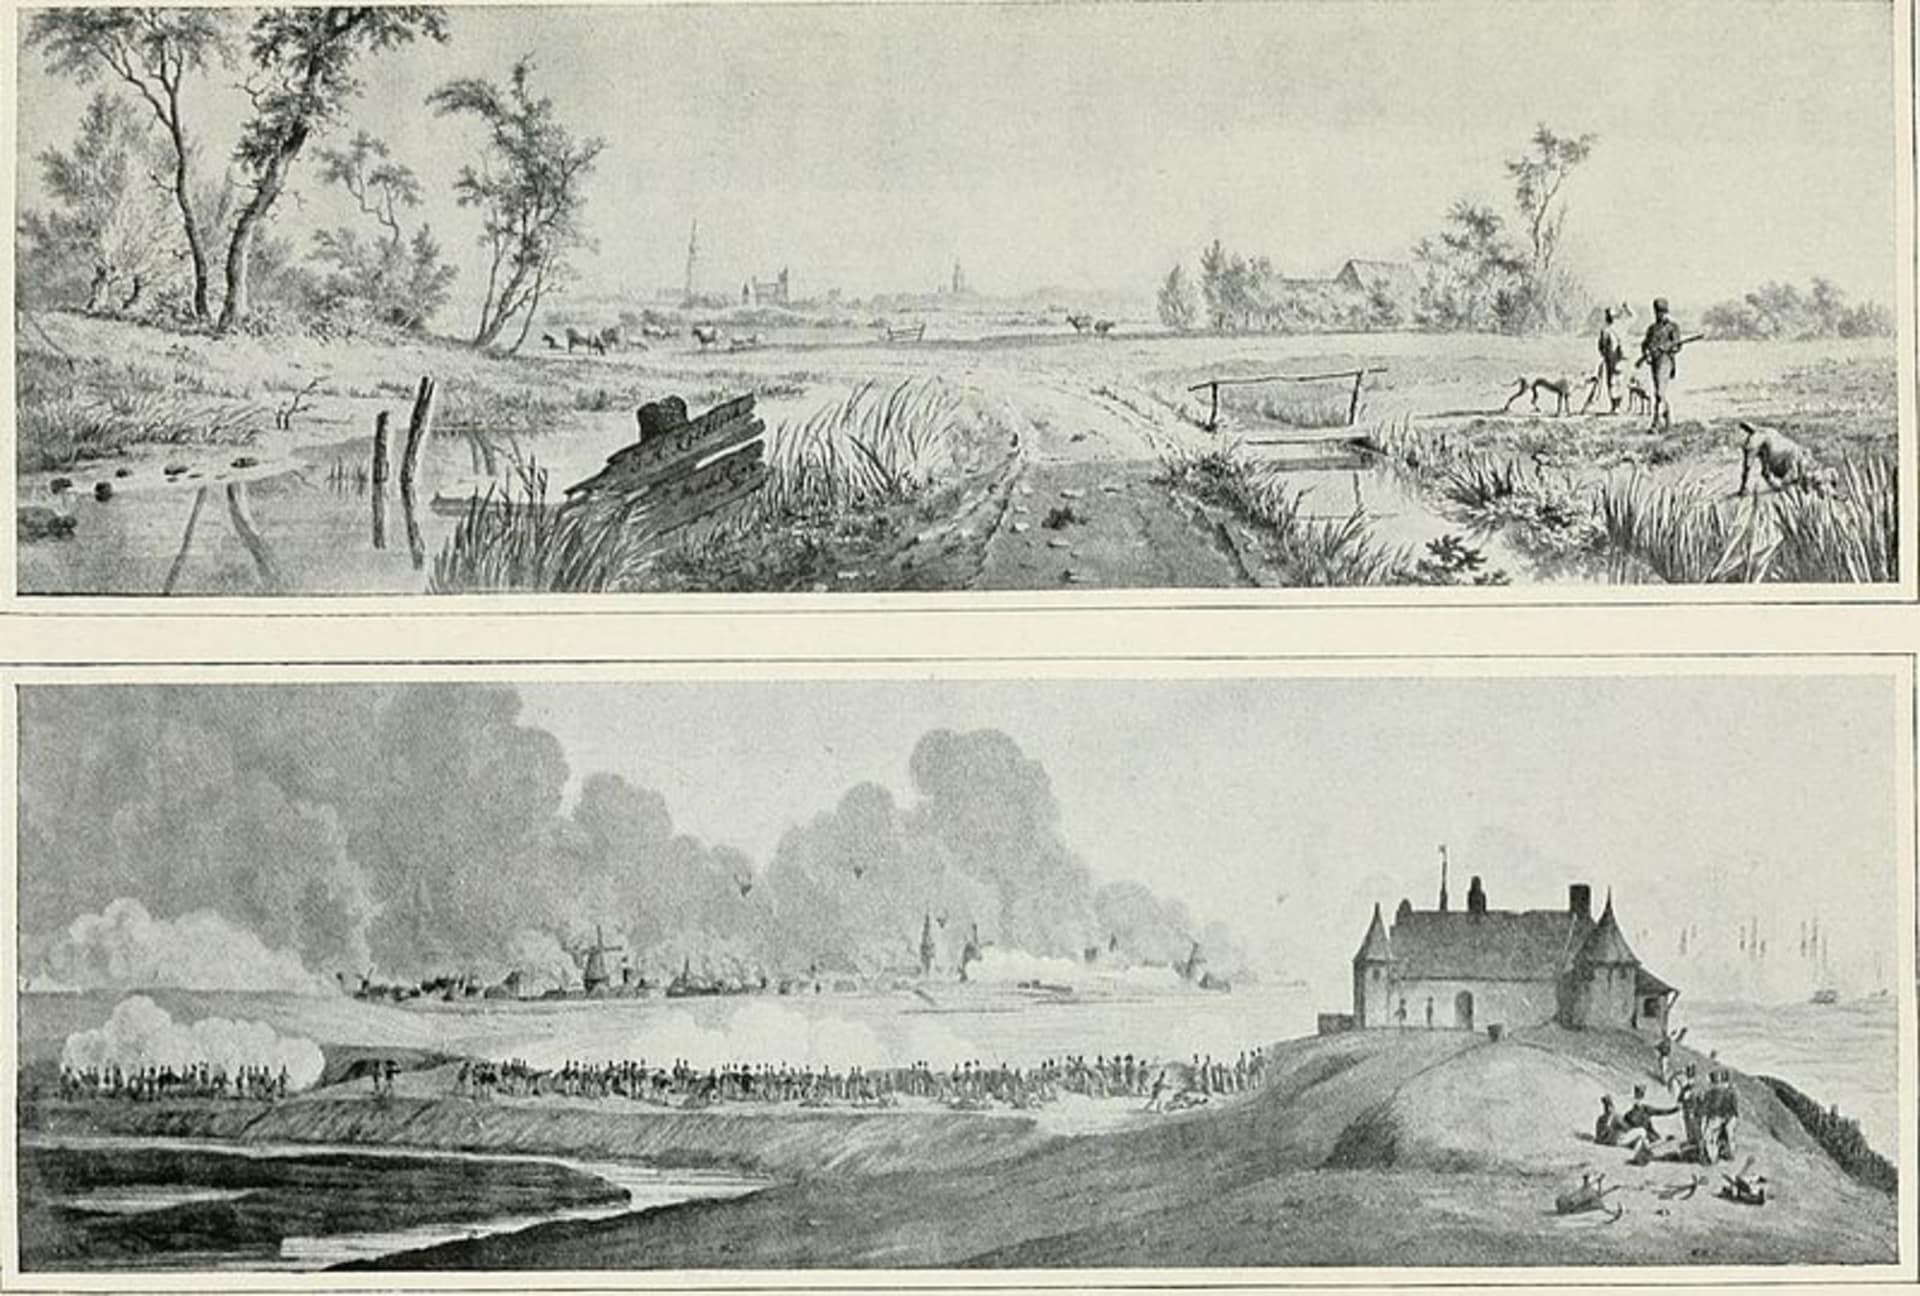 Expedición de Walcheren 1809